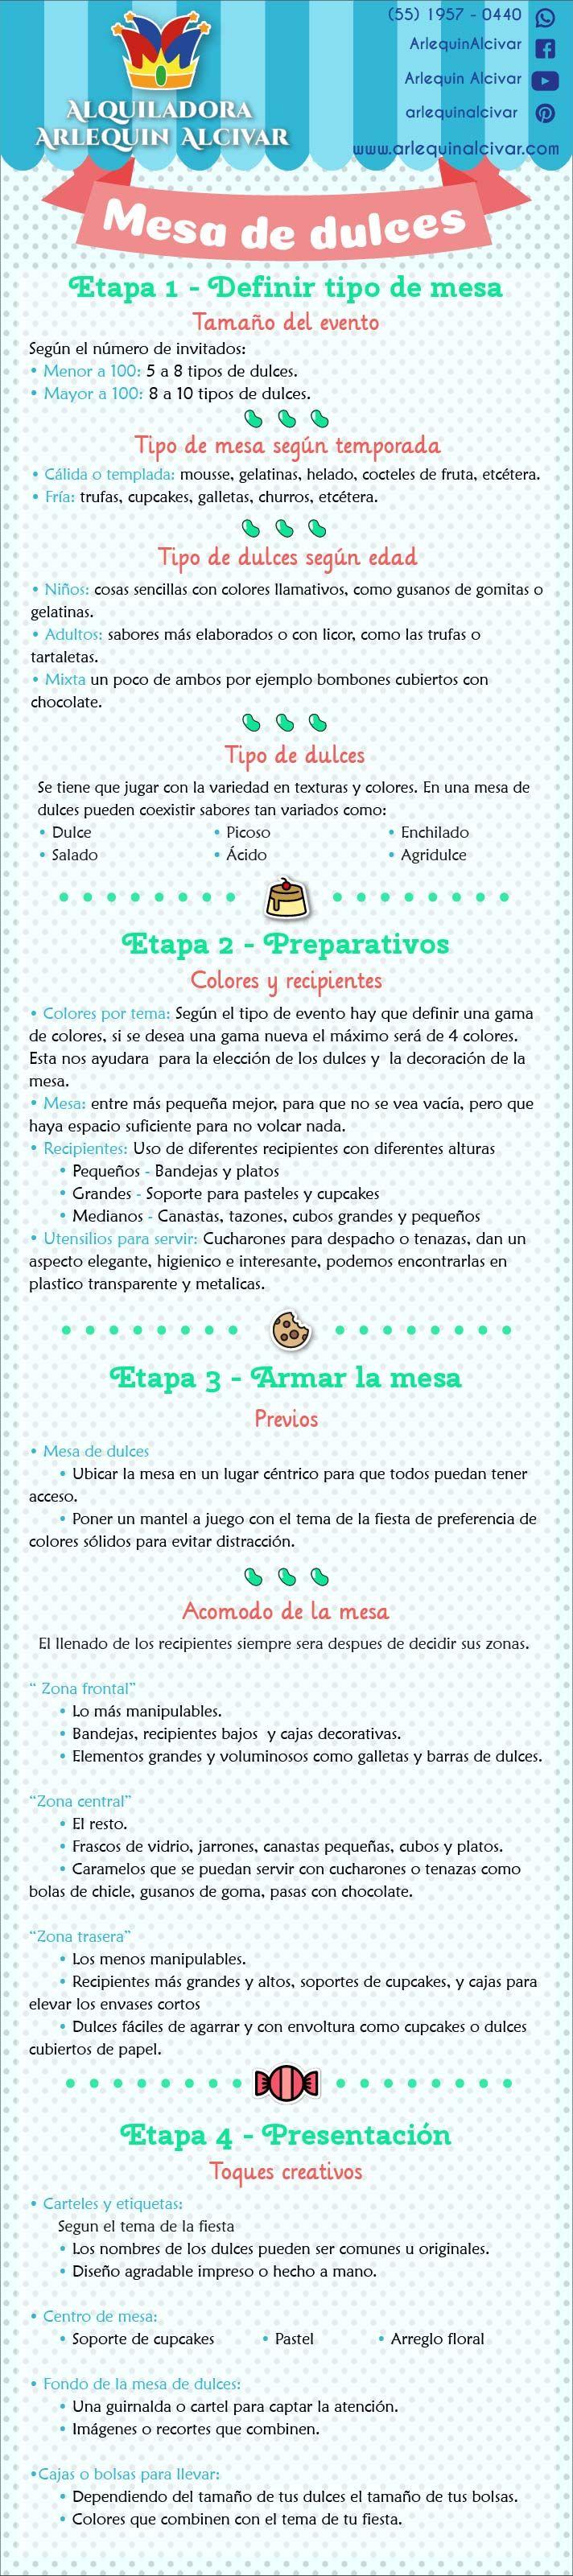 Tips para hacer una mesa de dulces